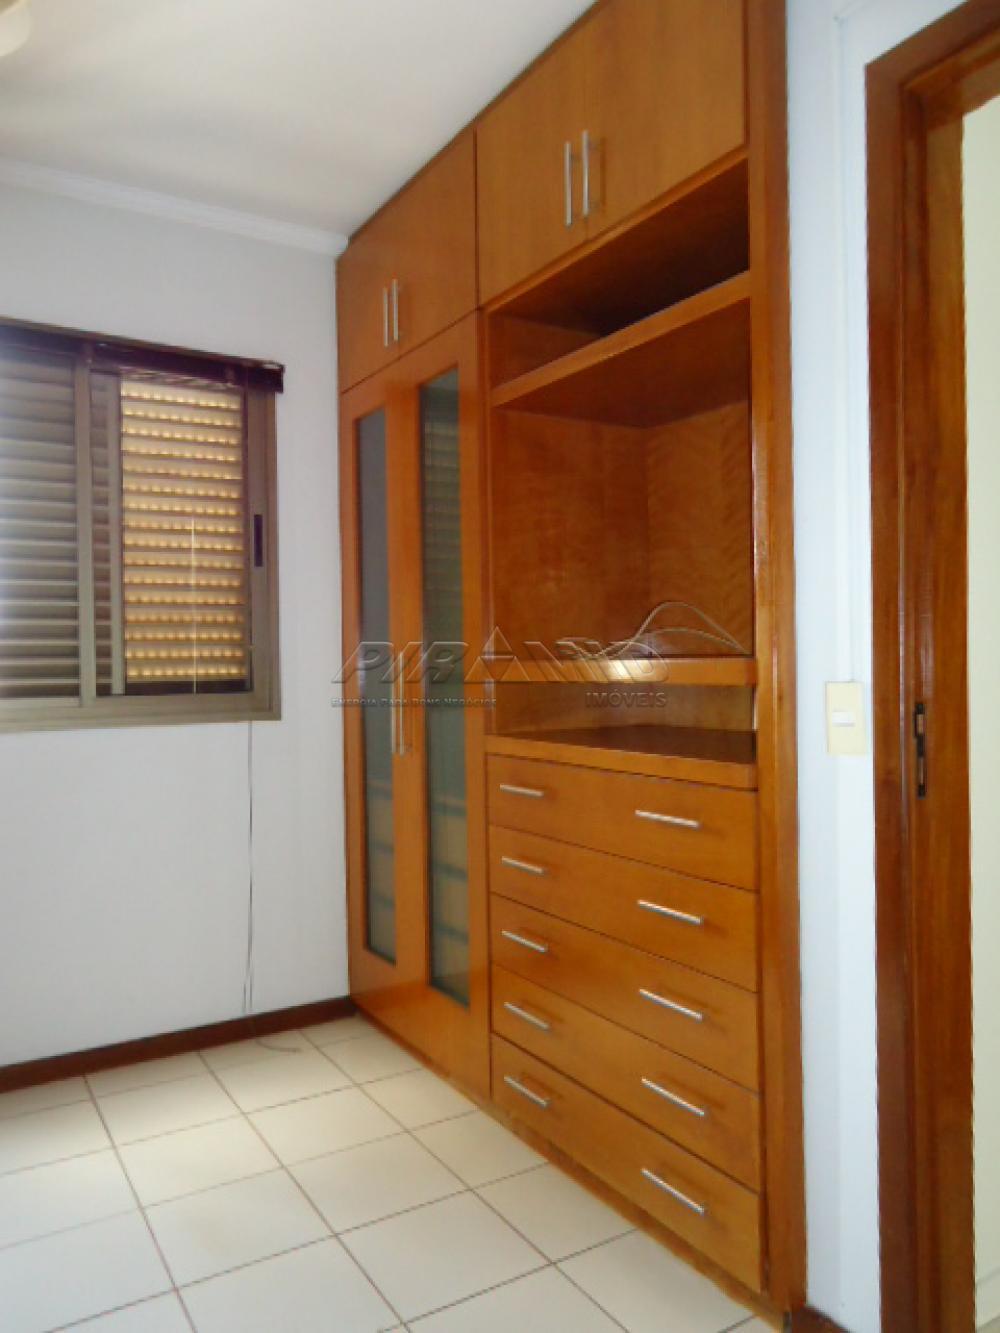 Alugar Apartamento / Padrão em Ribeirão Preto apenas R$ 1.010,00 - Foto 8